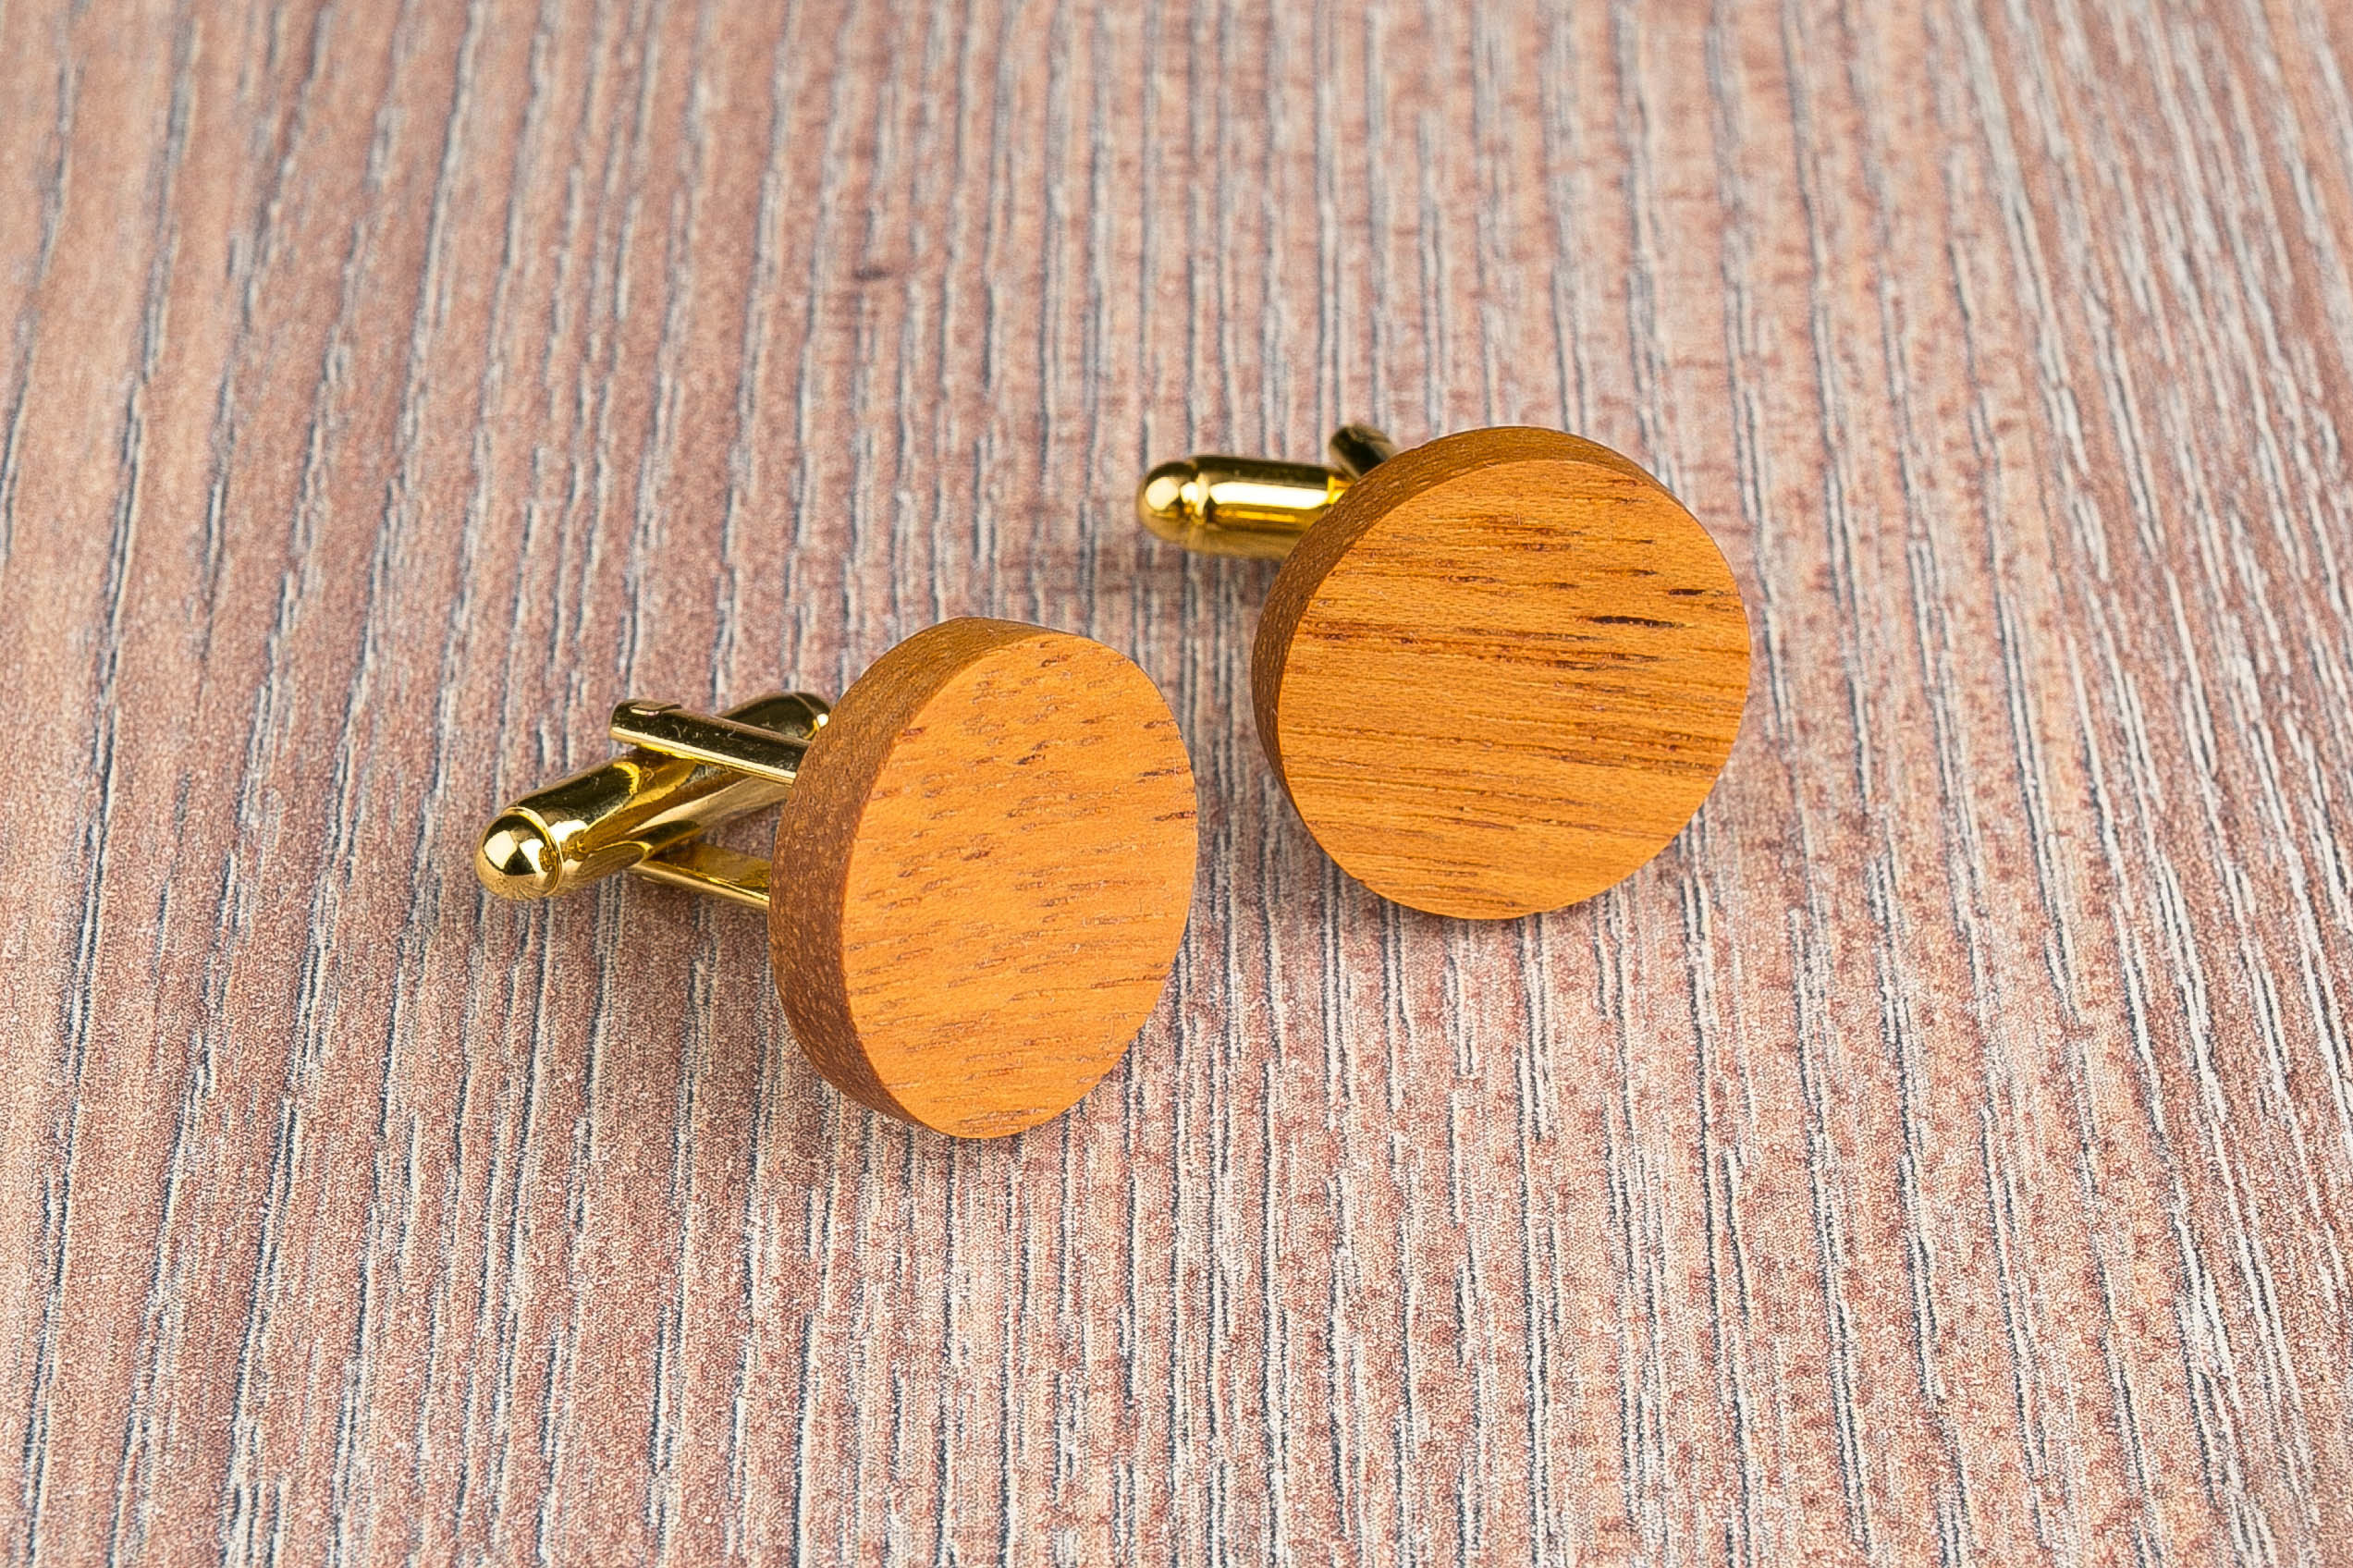 Комплект: Круглые запонки из дерева и Деревянный зажим для галстука. Массив кусии. Гравировка инициалов. Упаковка в комплекте